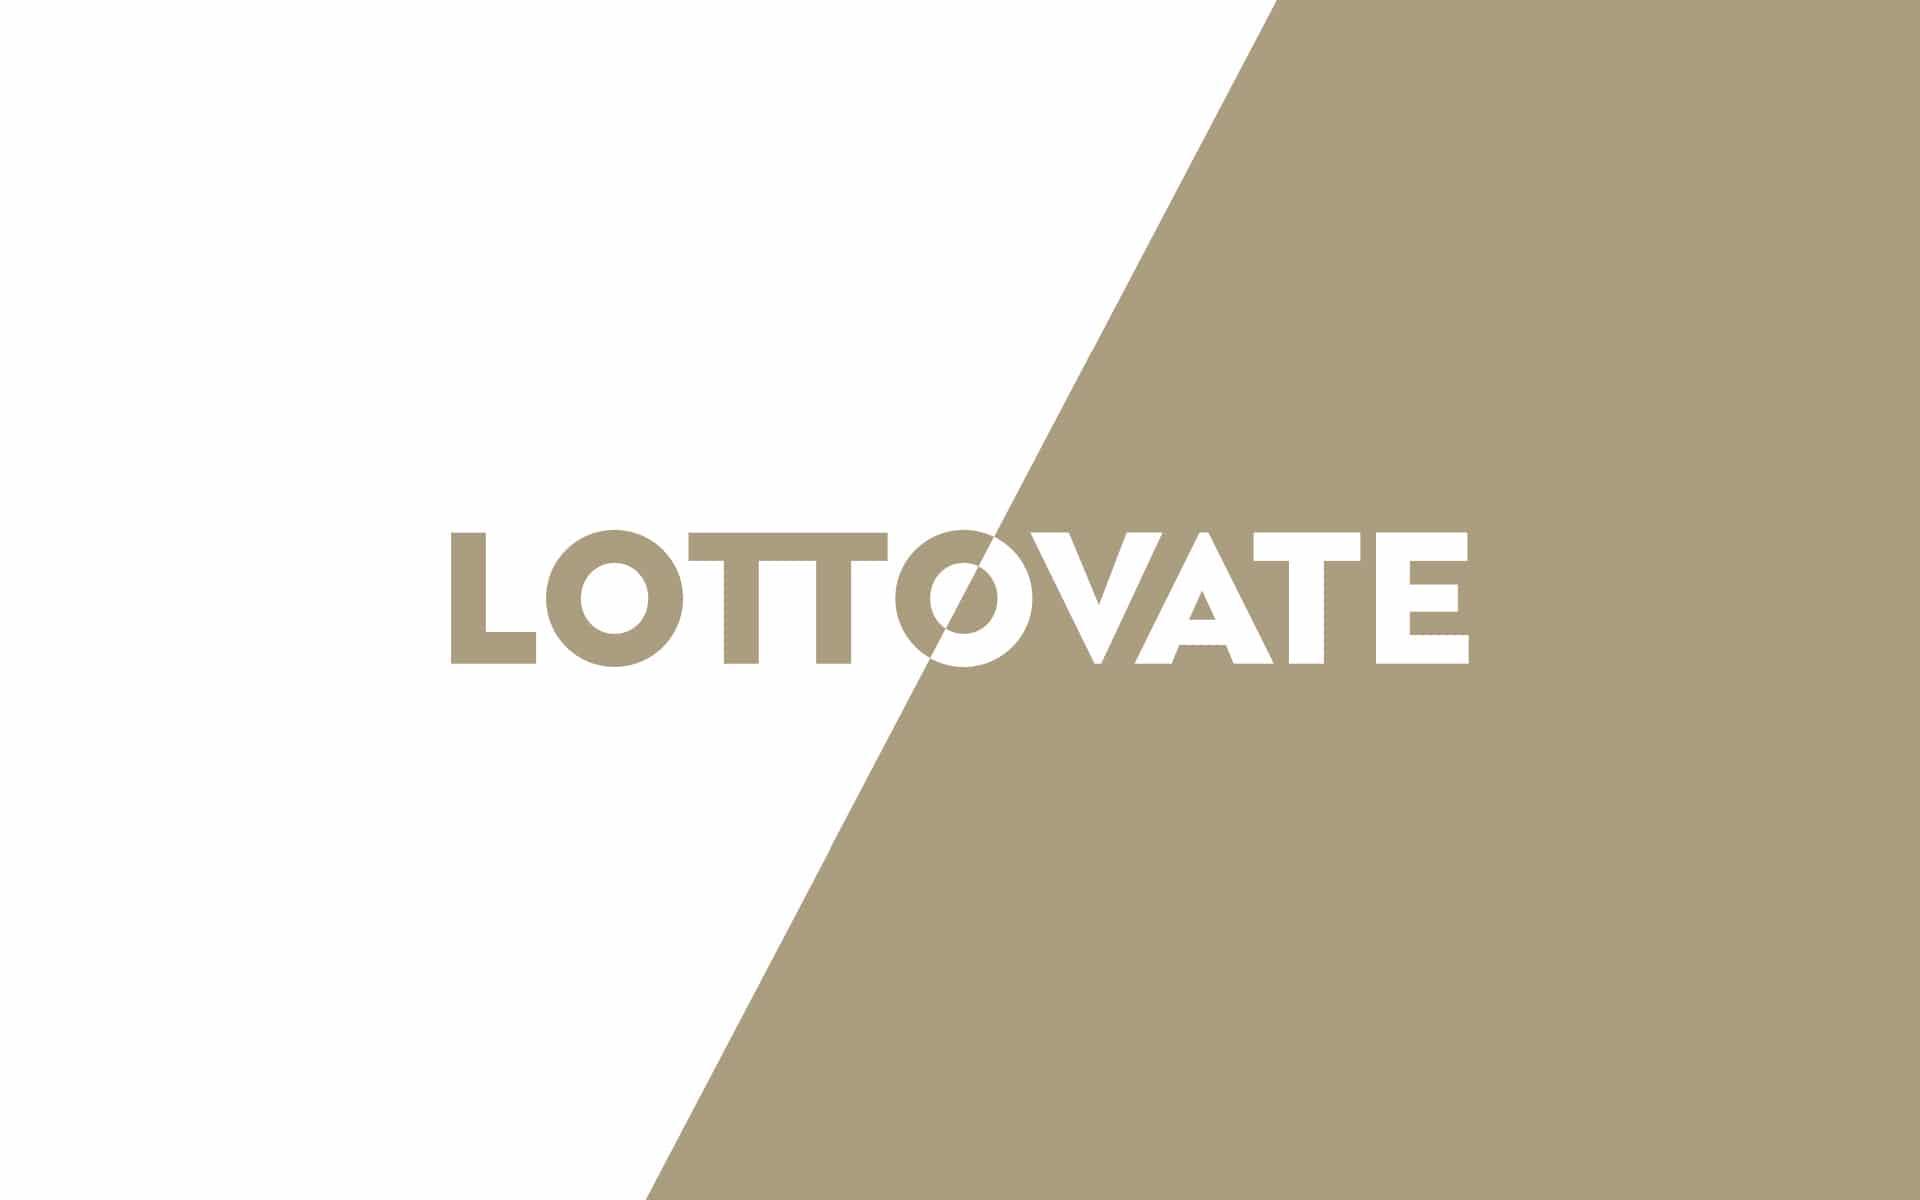 Vergunning voor online goede doelen loterij Lottovate